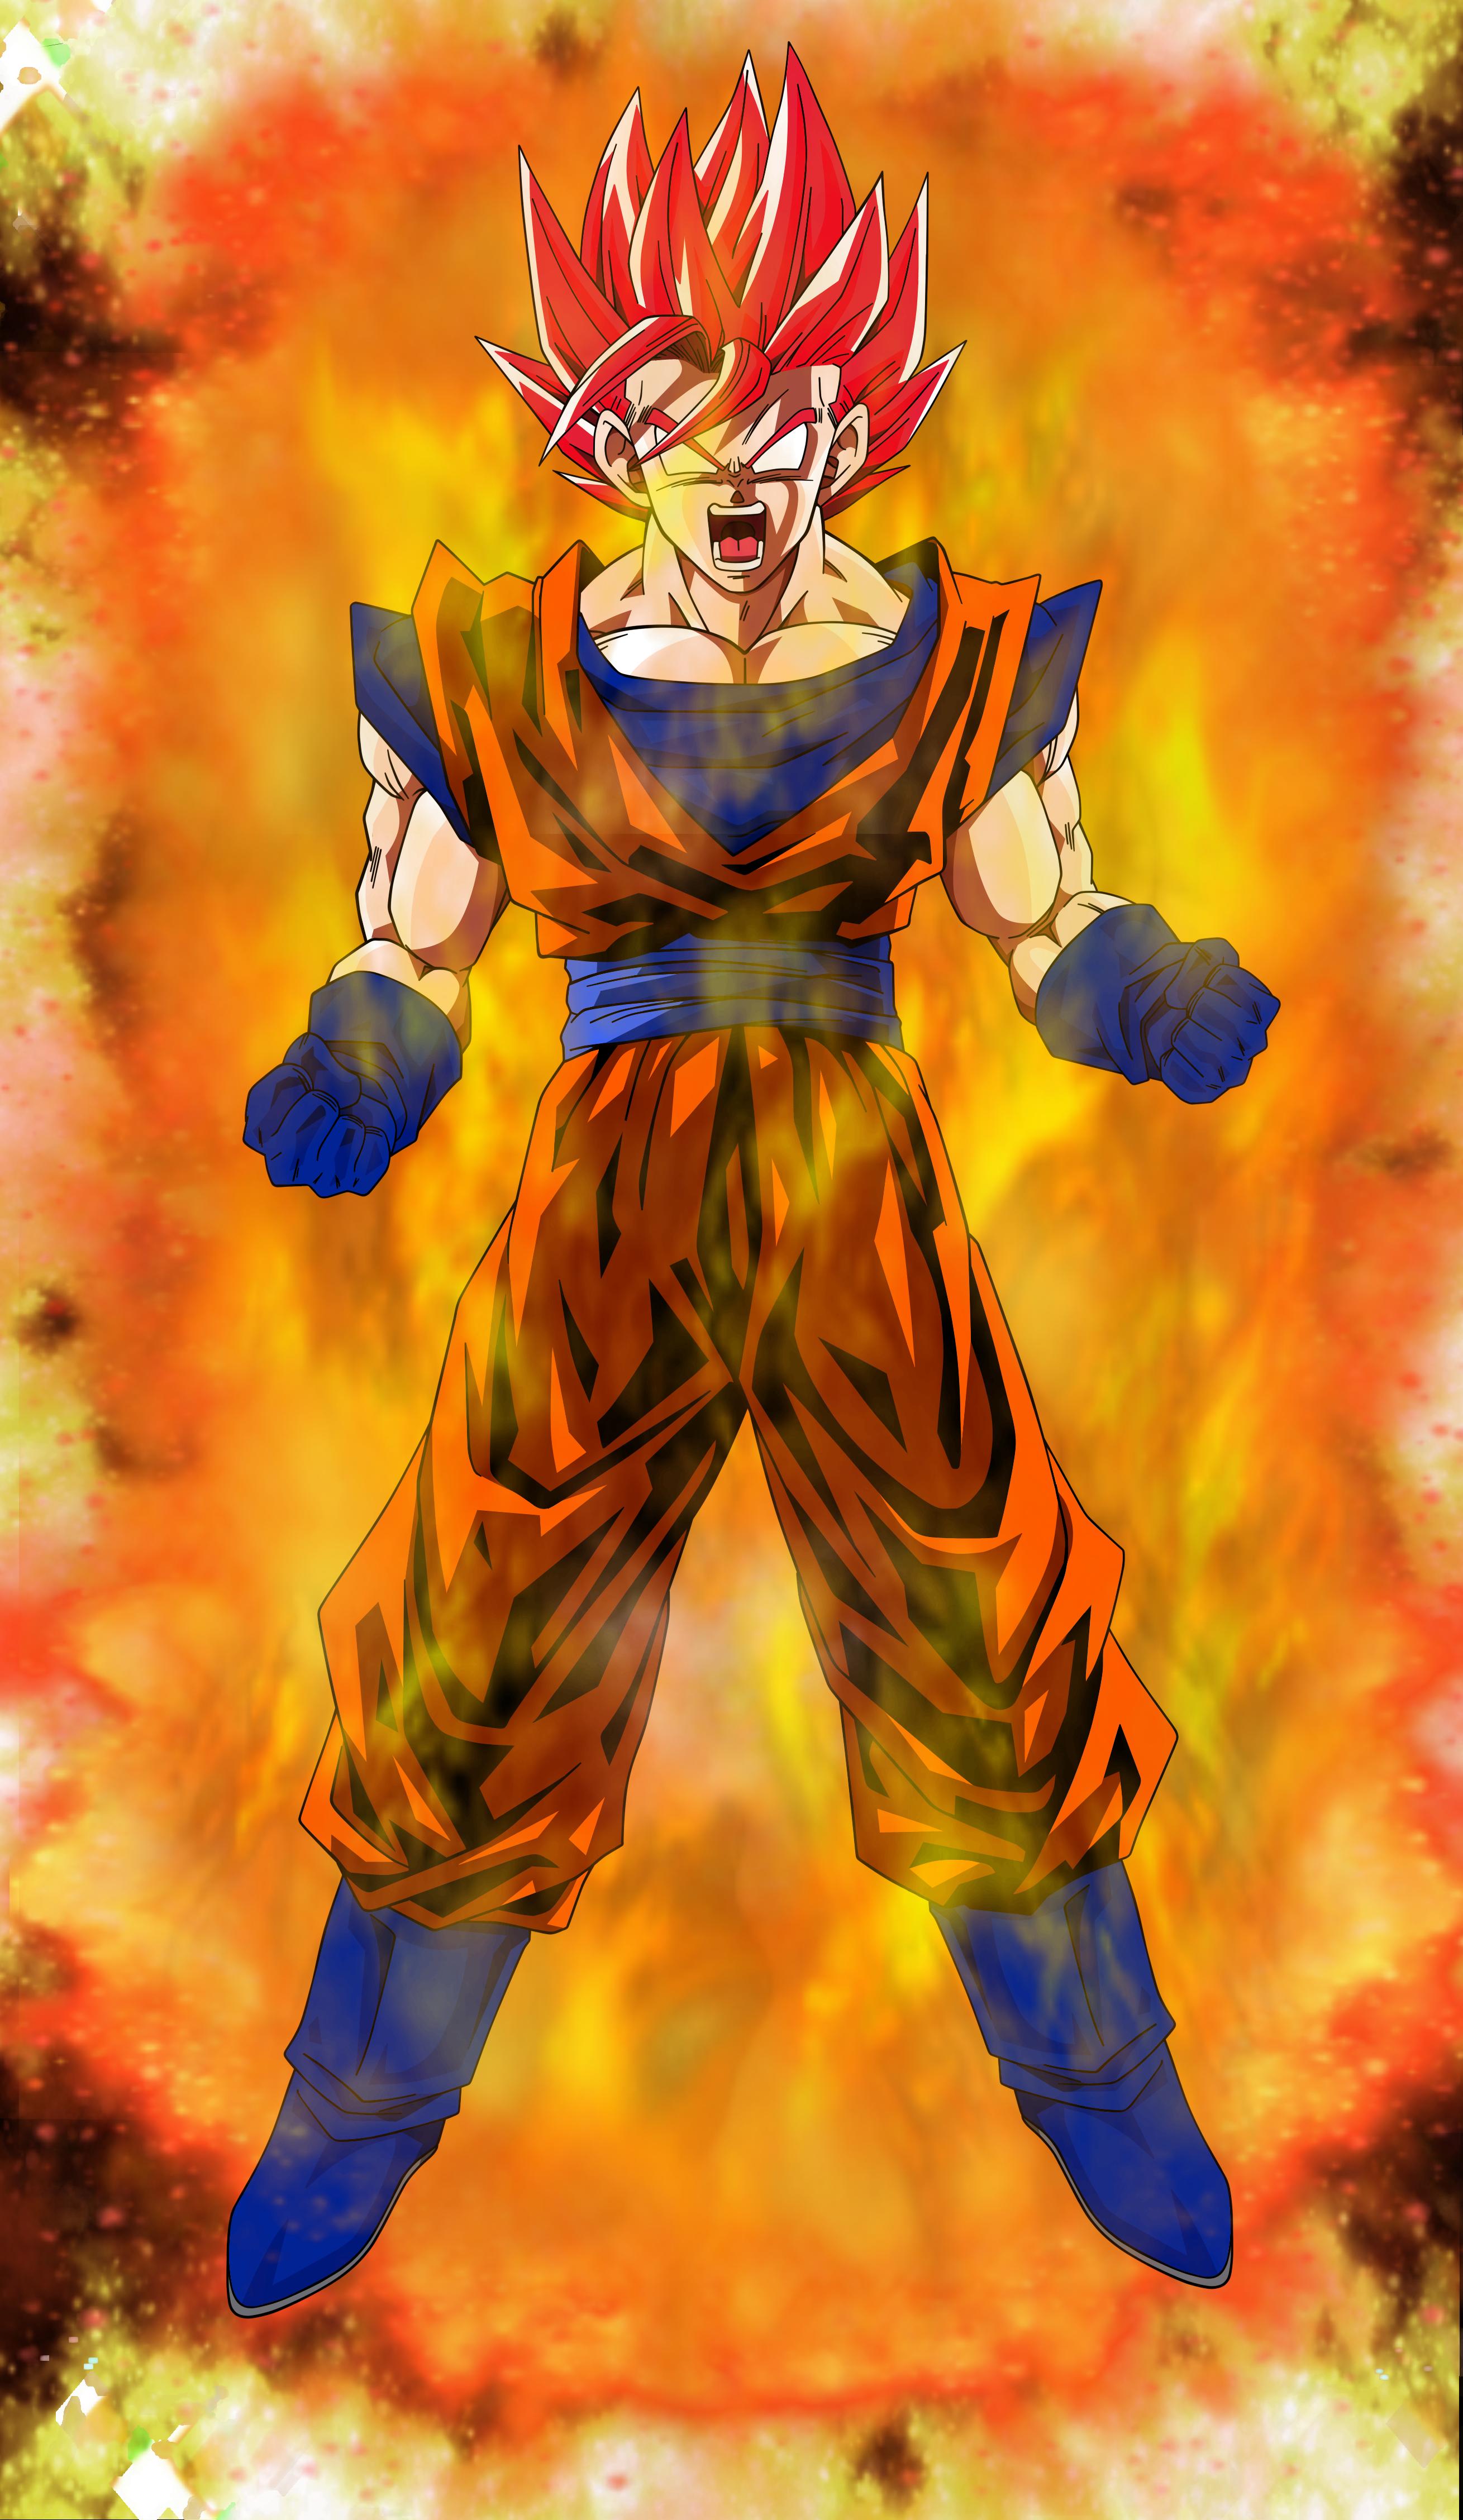 Super saiyan god goku power up by elitesaiyanwarrior on - Foto goku super saiyan god ...